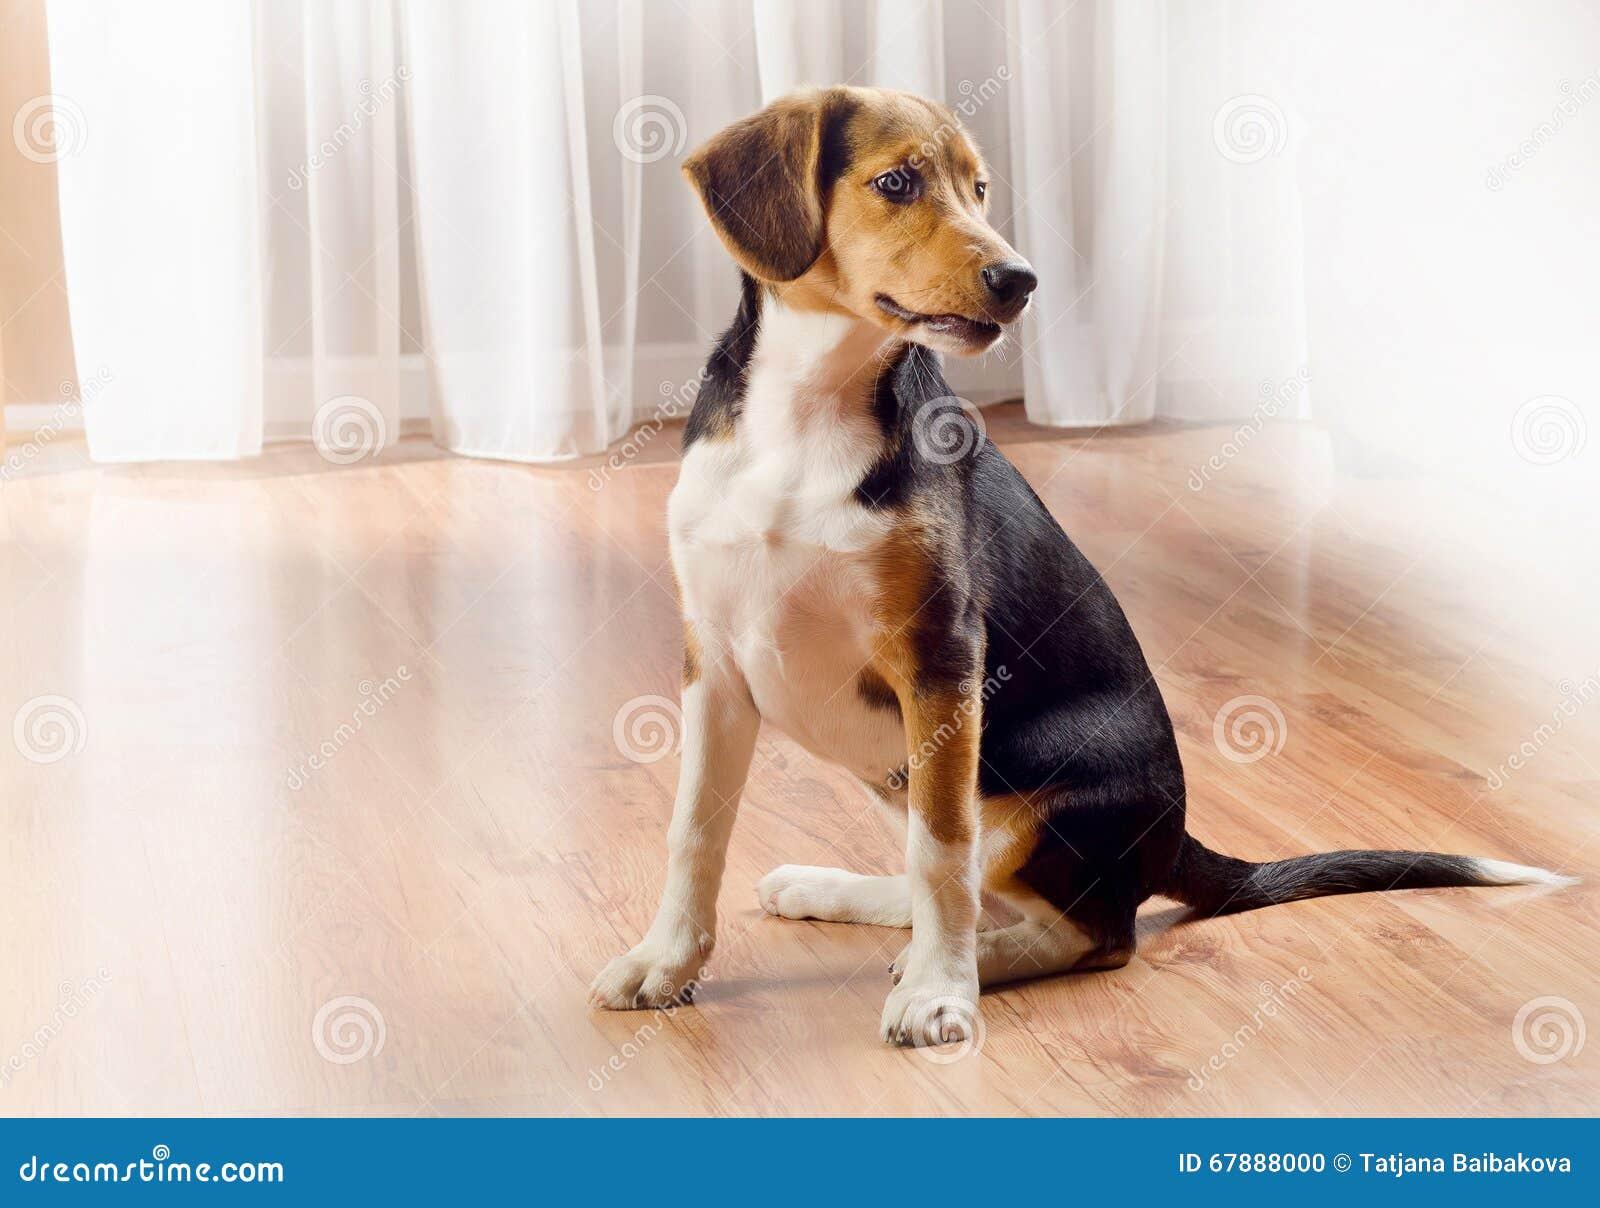 未过滤原始的解决方法被射击unsharpen的小猎犬格式高图象最大的小狗质量是